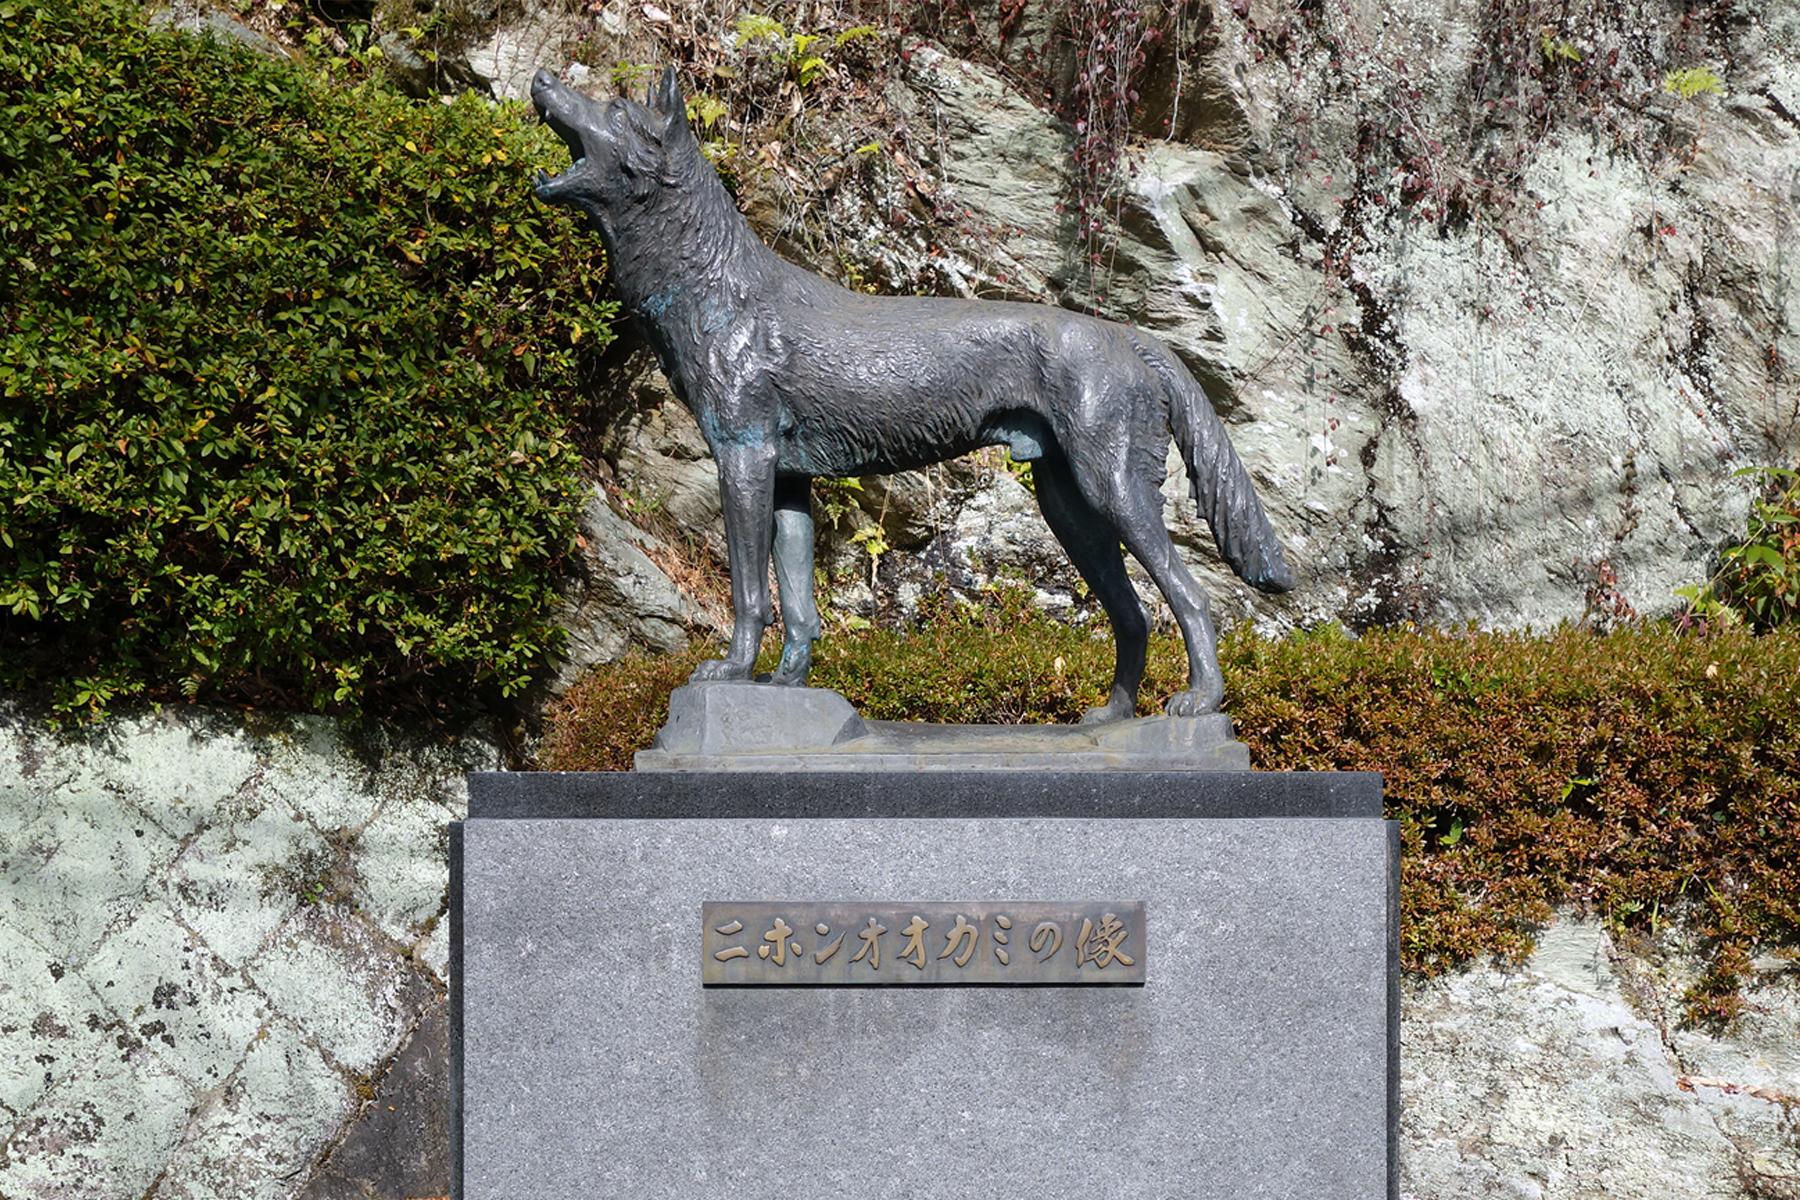 A bronze statue of the Japanese wolf in Higashiyoshino Village, Nara Prefecture   ALEX K.T. MARTIN